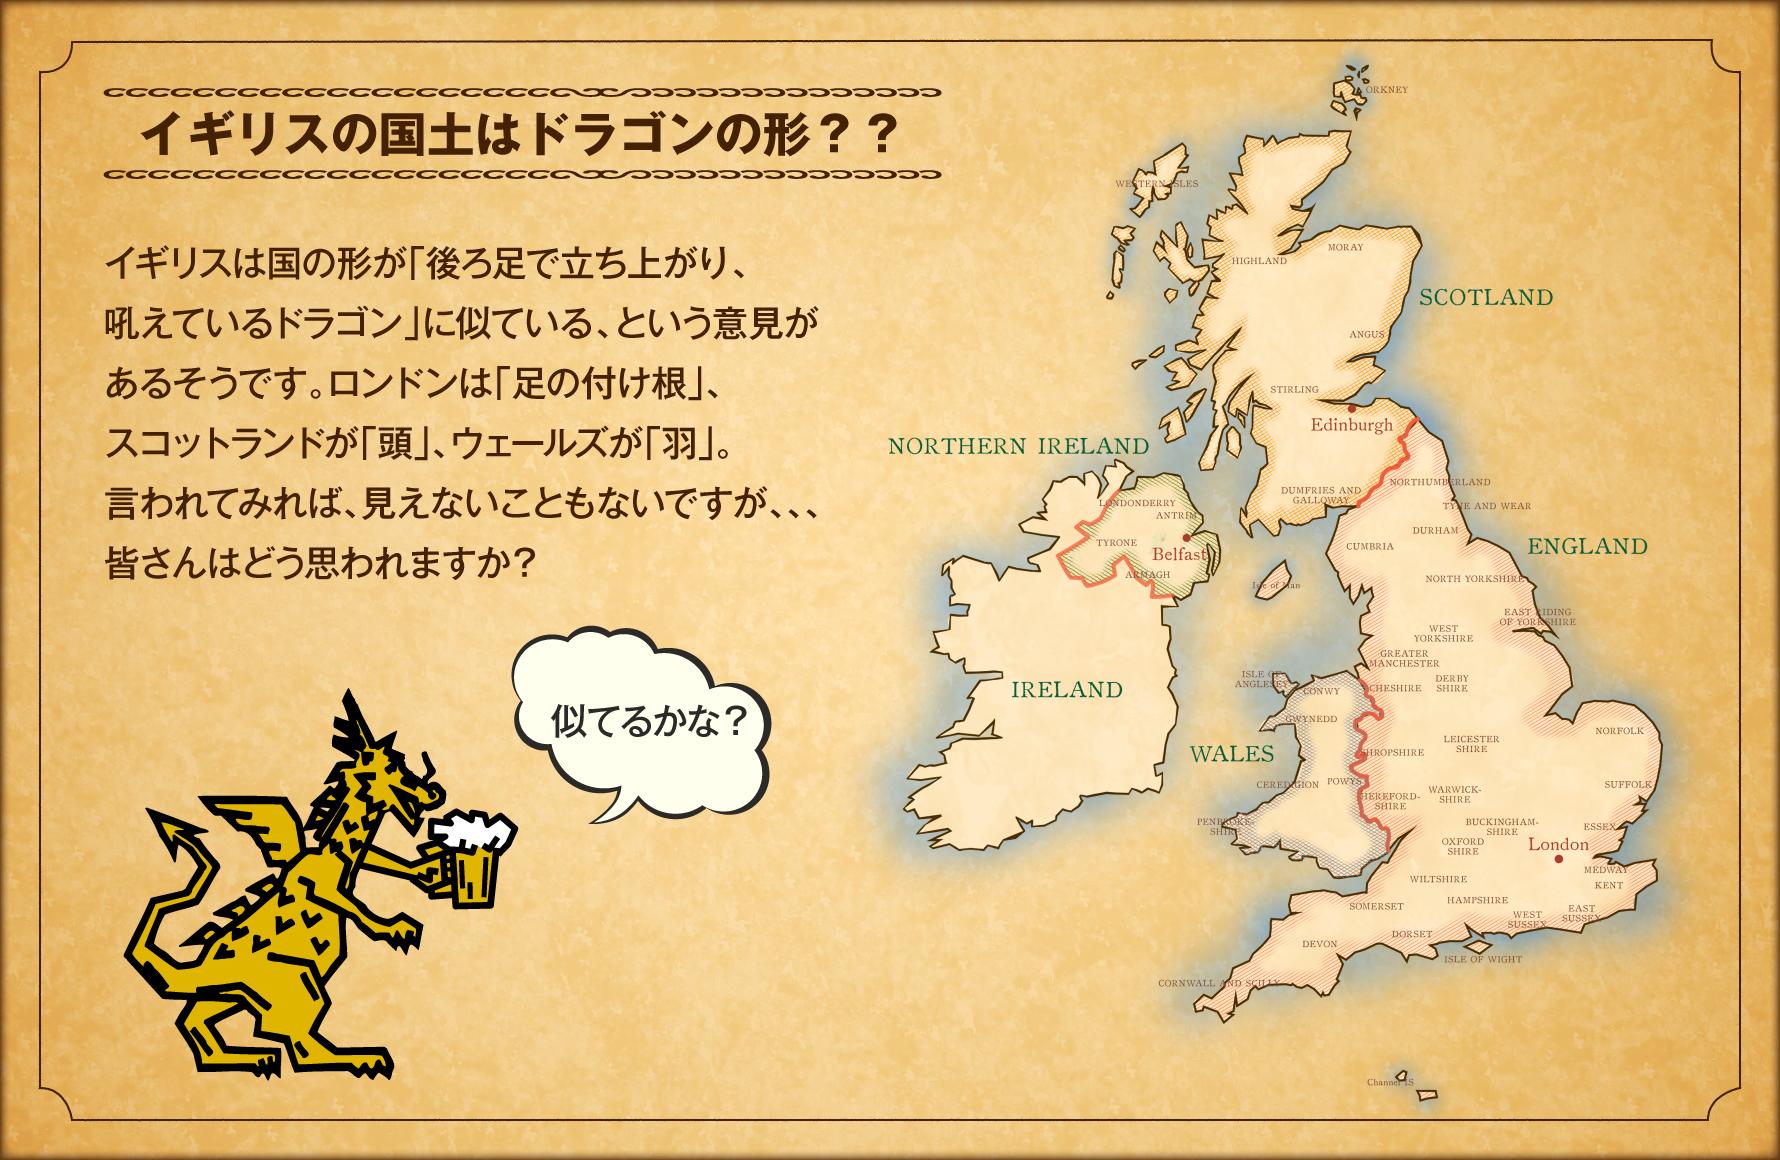 イギリス地図の図版